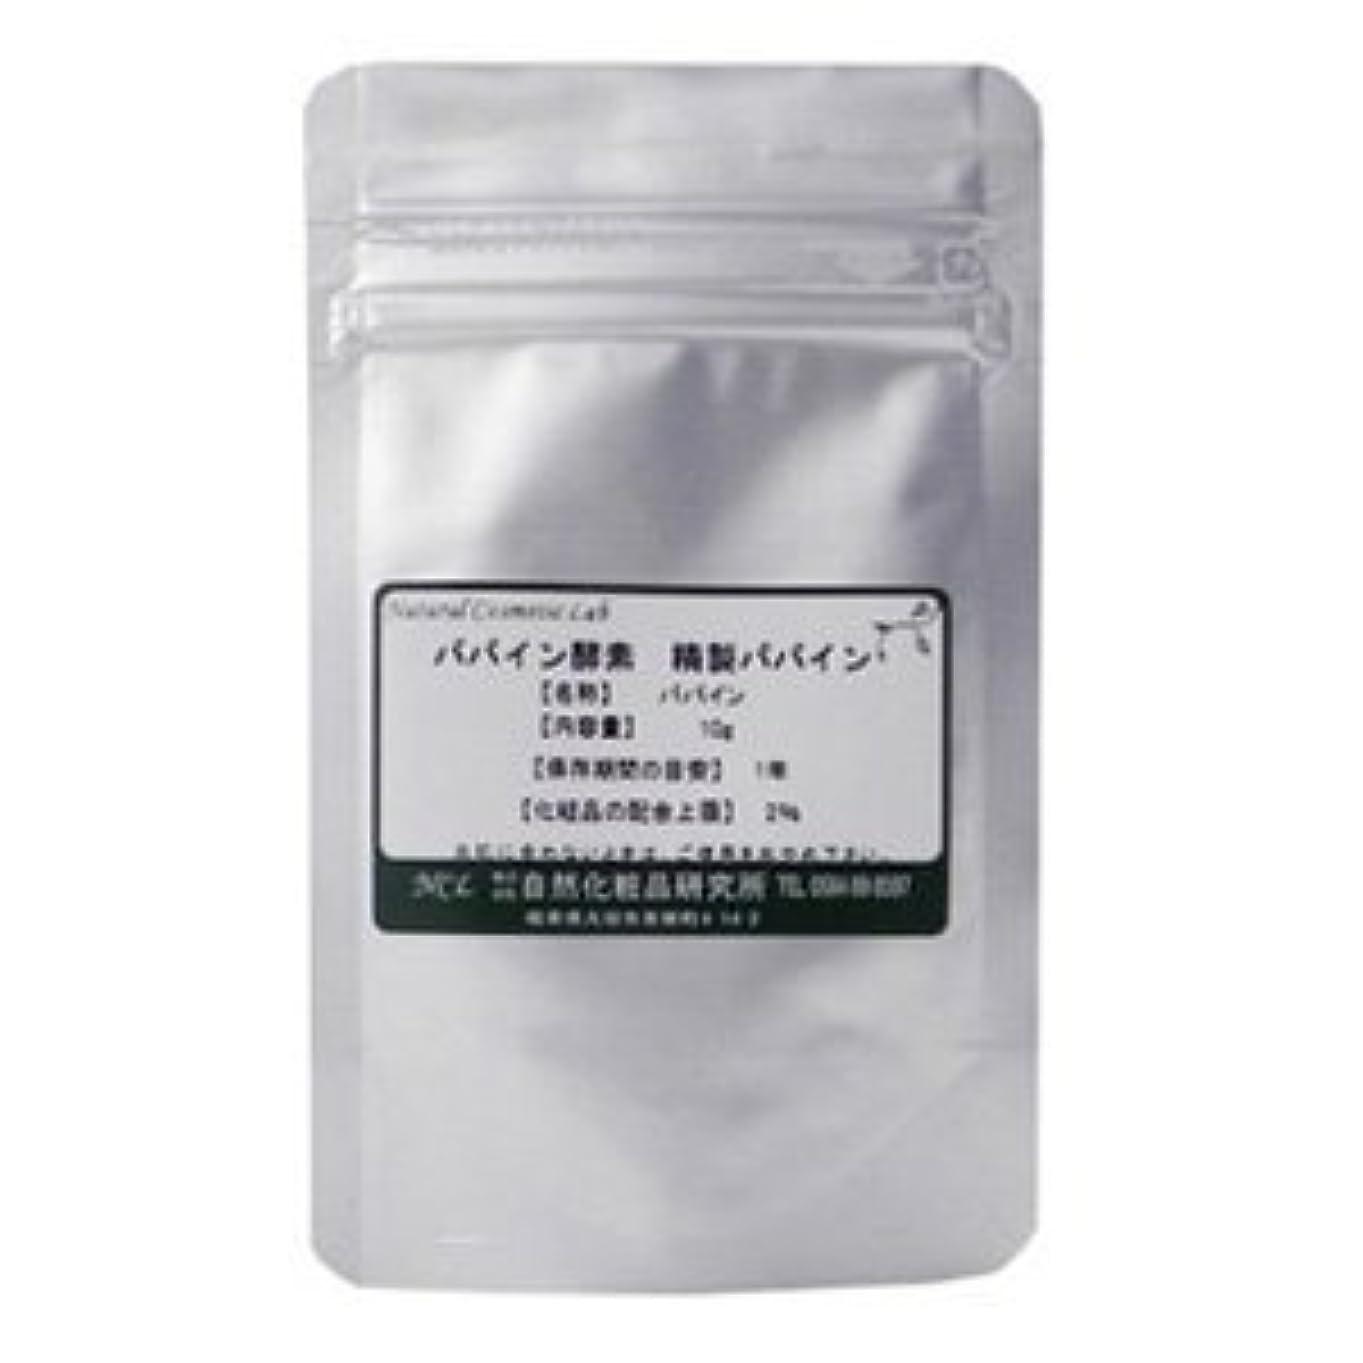 独立して上回る気まぐれなパパイン酵素 精製パパイン 10g 【手作り化粧品原料】